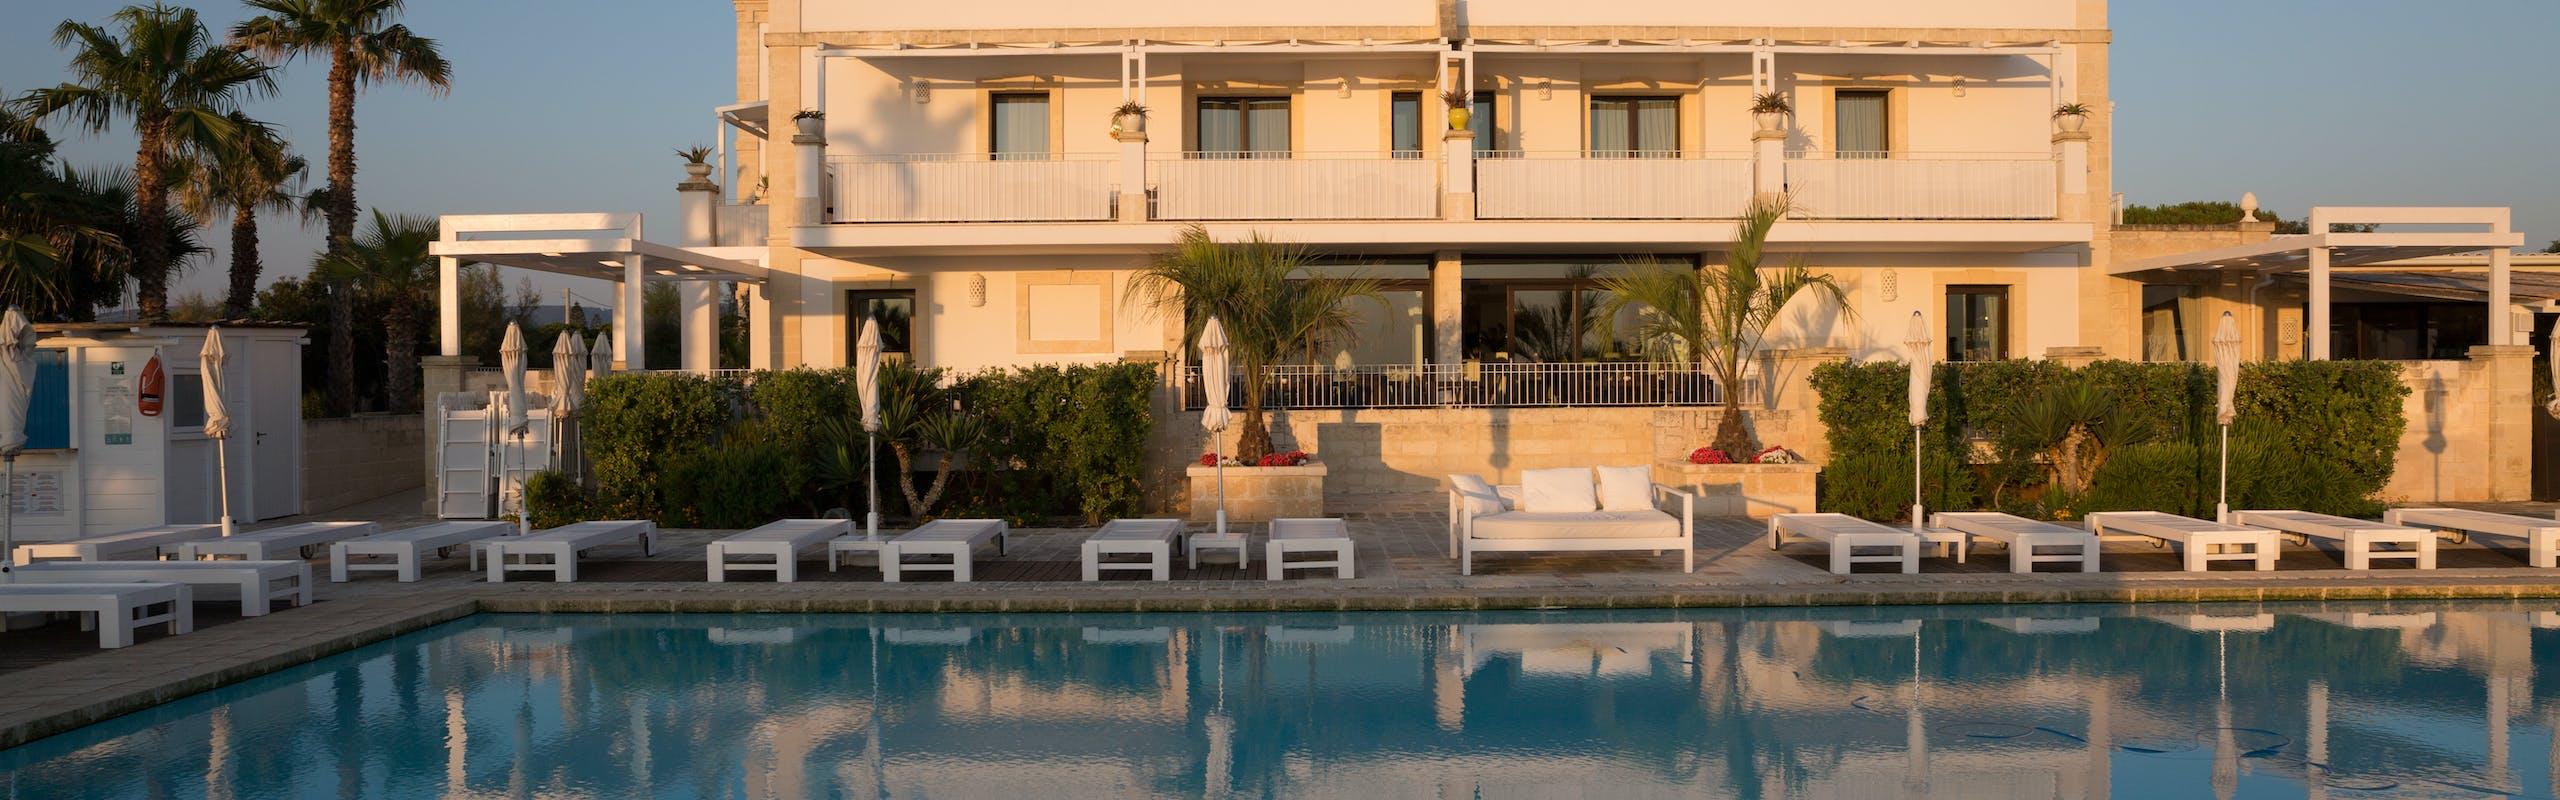 Nella foto l'esterno dell'hotell Canne Bianche Lifestyle Hotel